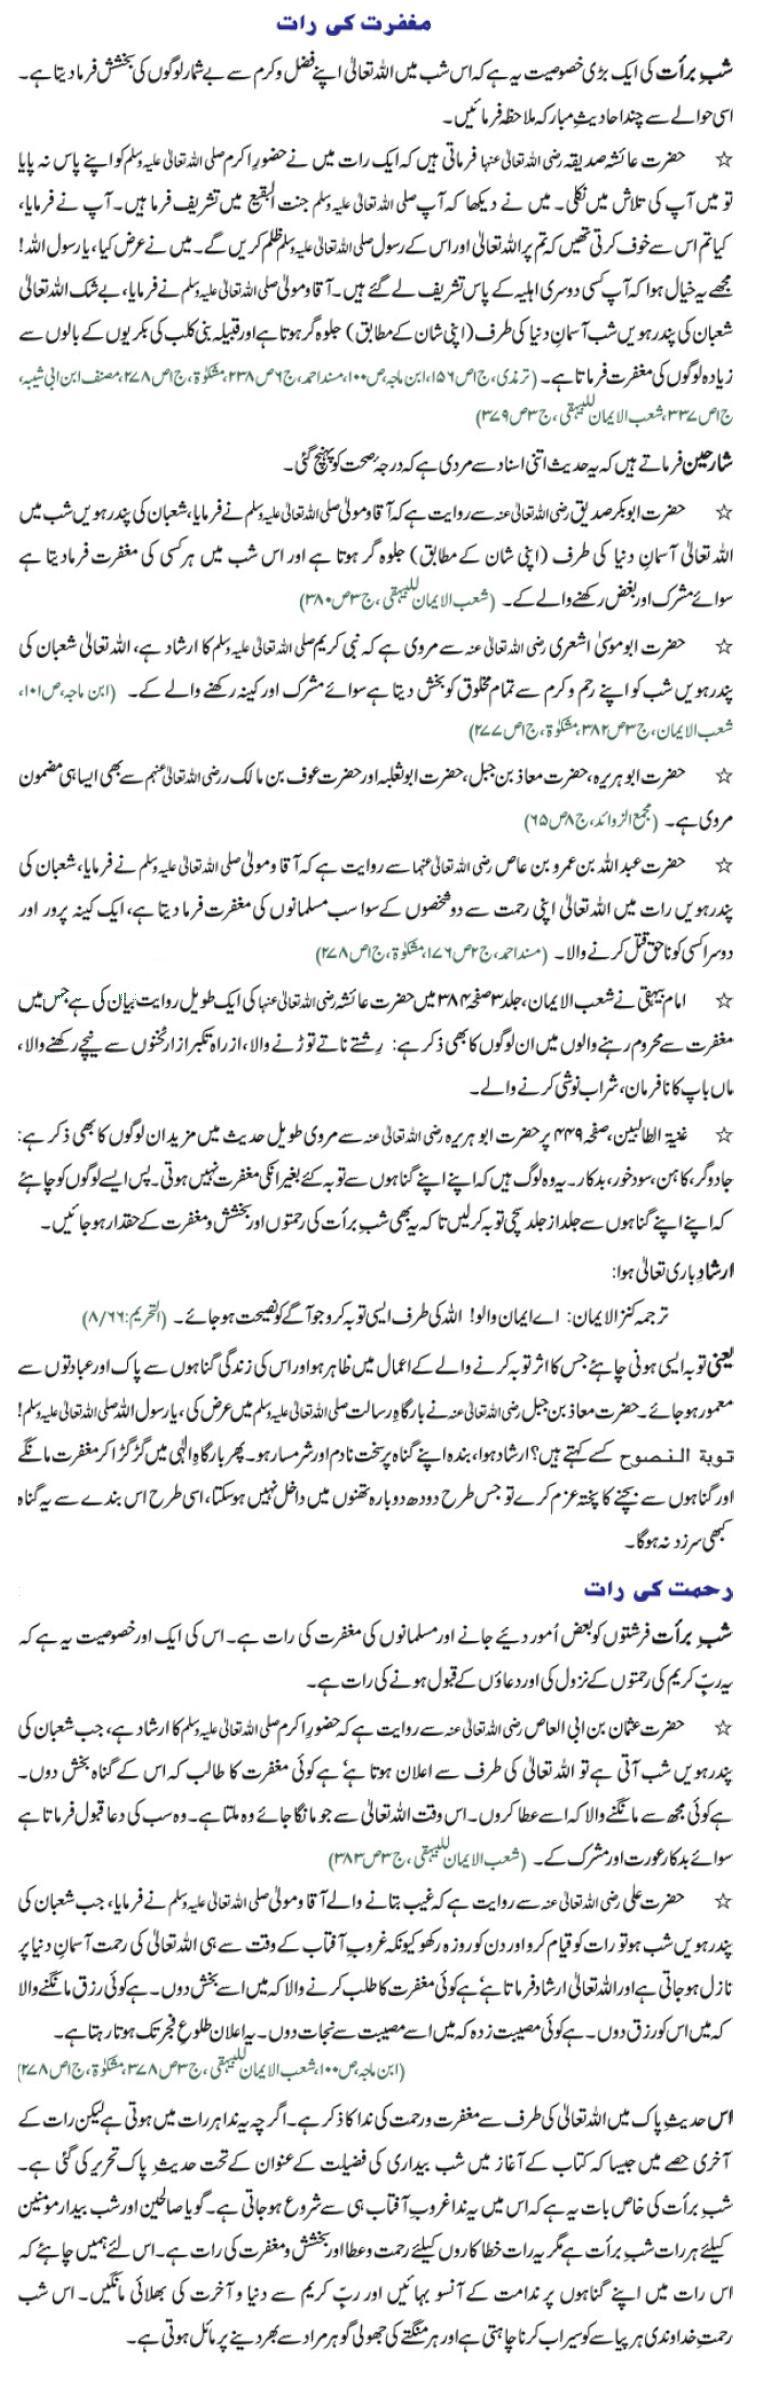 Shab E Barat Hadees In Urdu